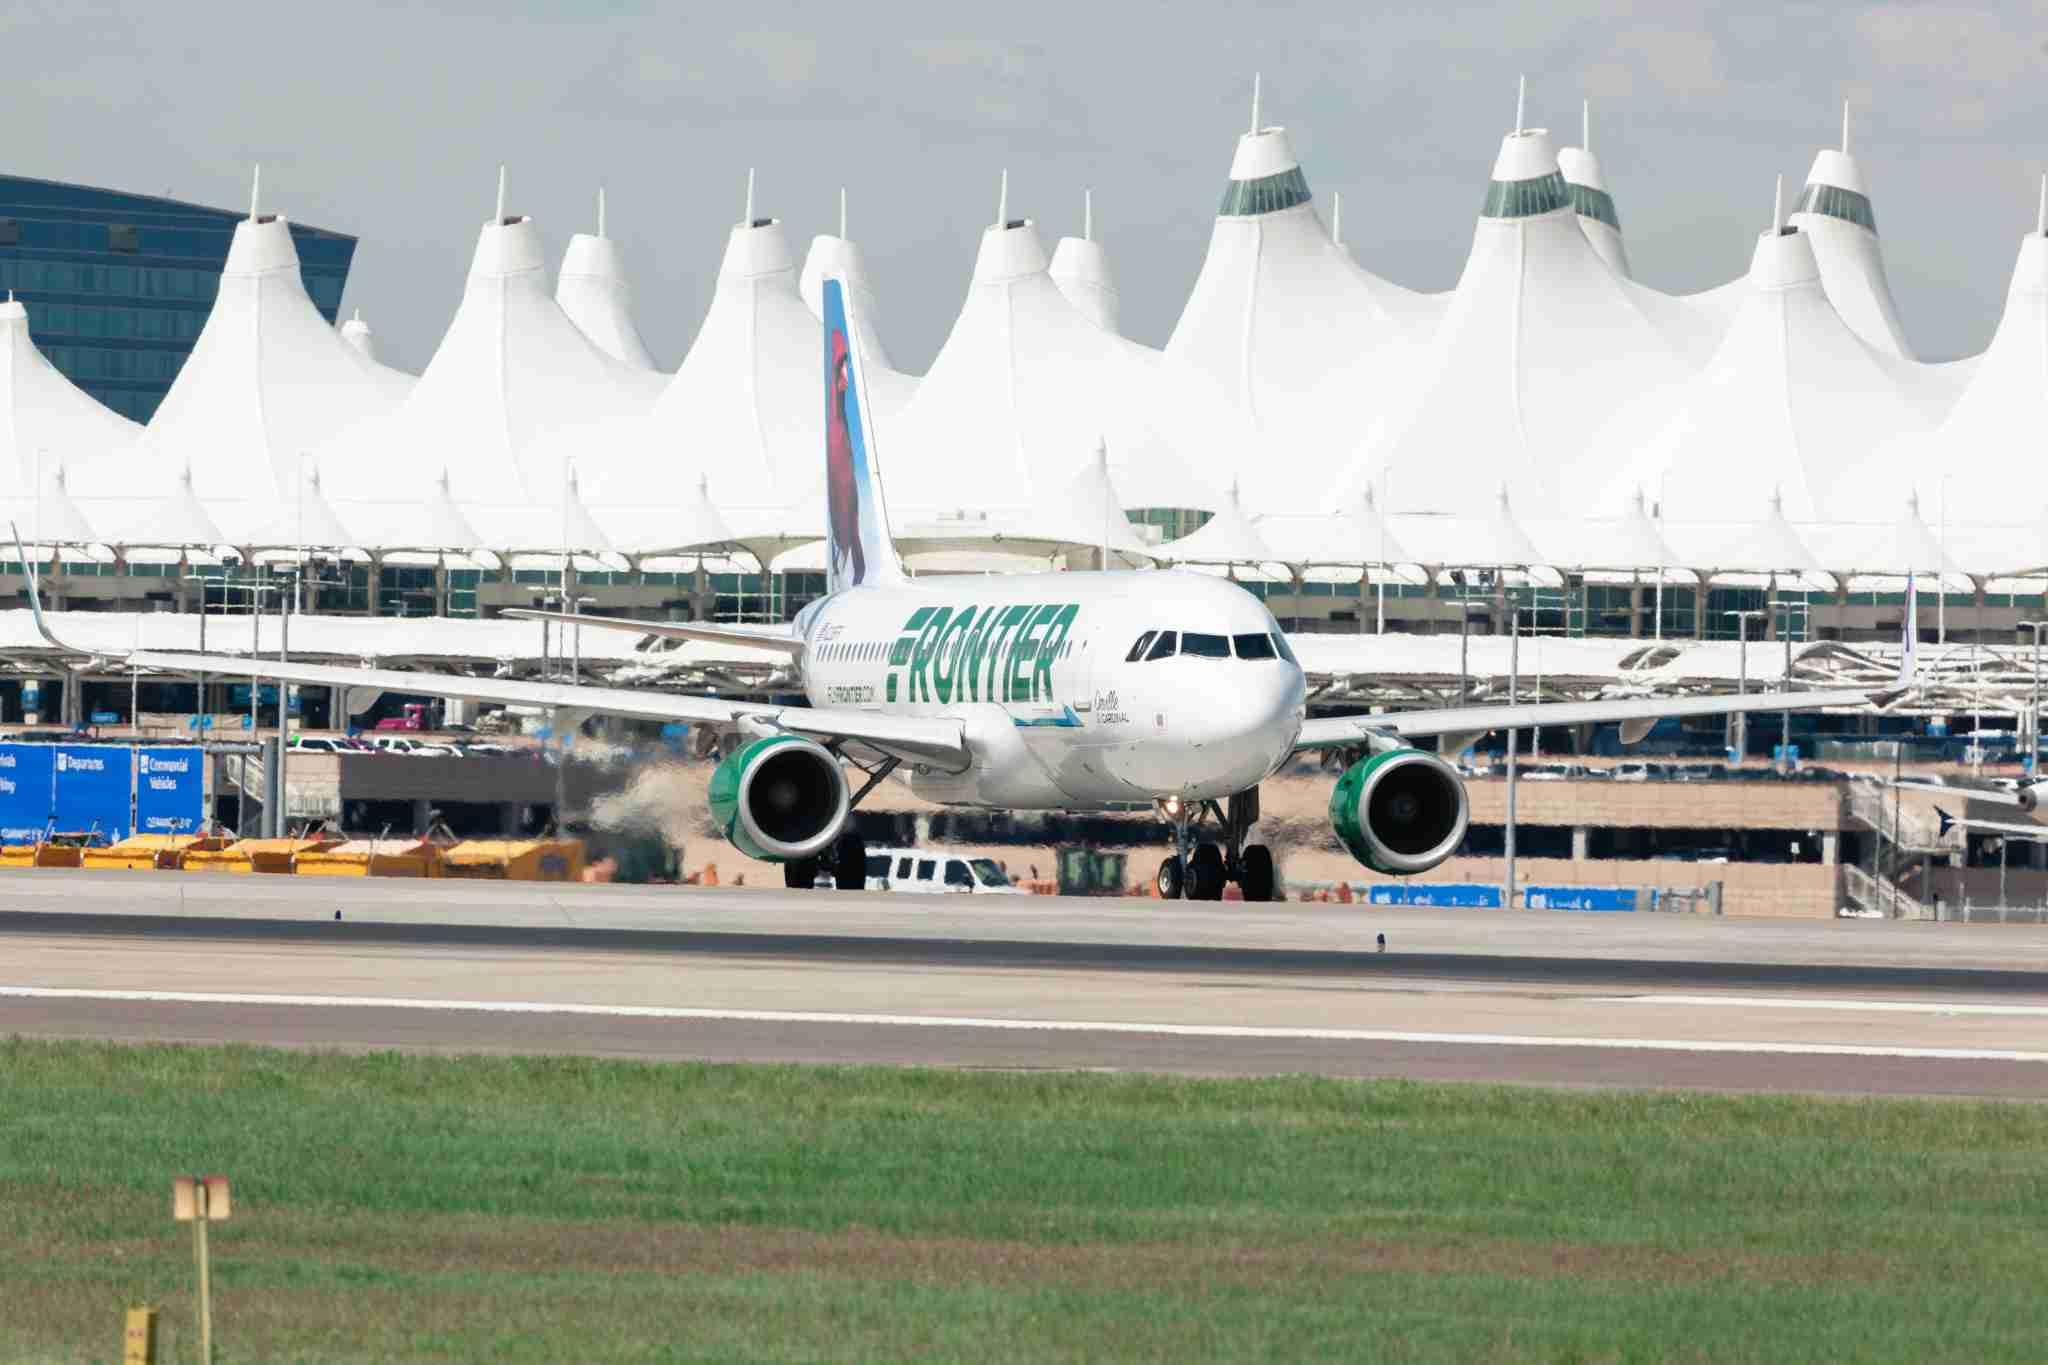 Courtesy of Denver airport.